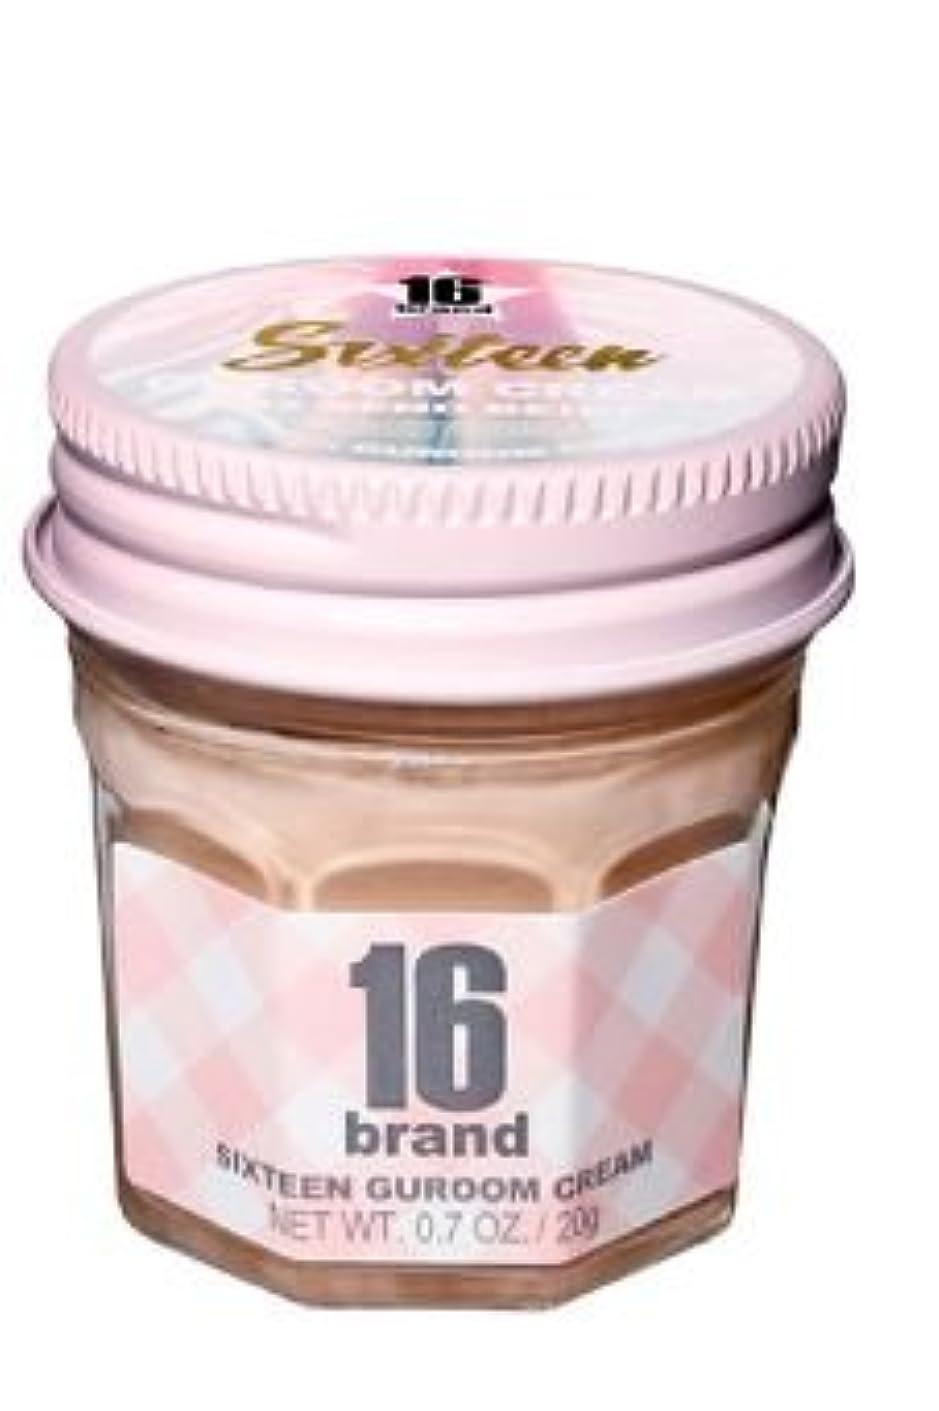 保護麦芽盲目16brand Sixteen Guroom Cream Foundation 20g/16ブランド シックスティーン クルム クリーム ファンデーション 20g (#2 Sand Beige) [並行輸入品]